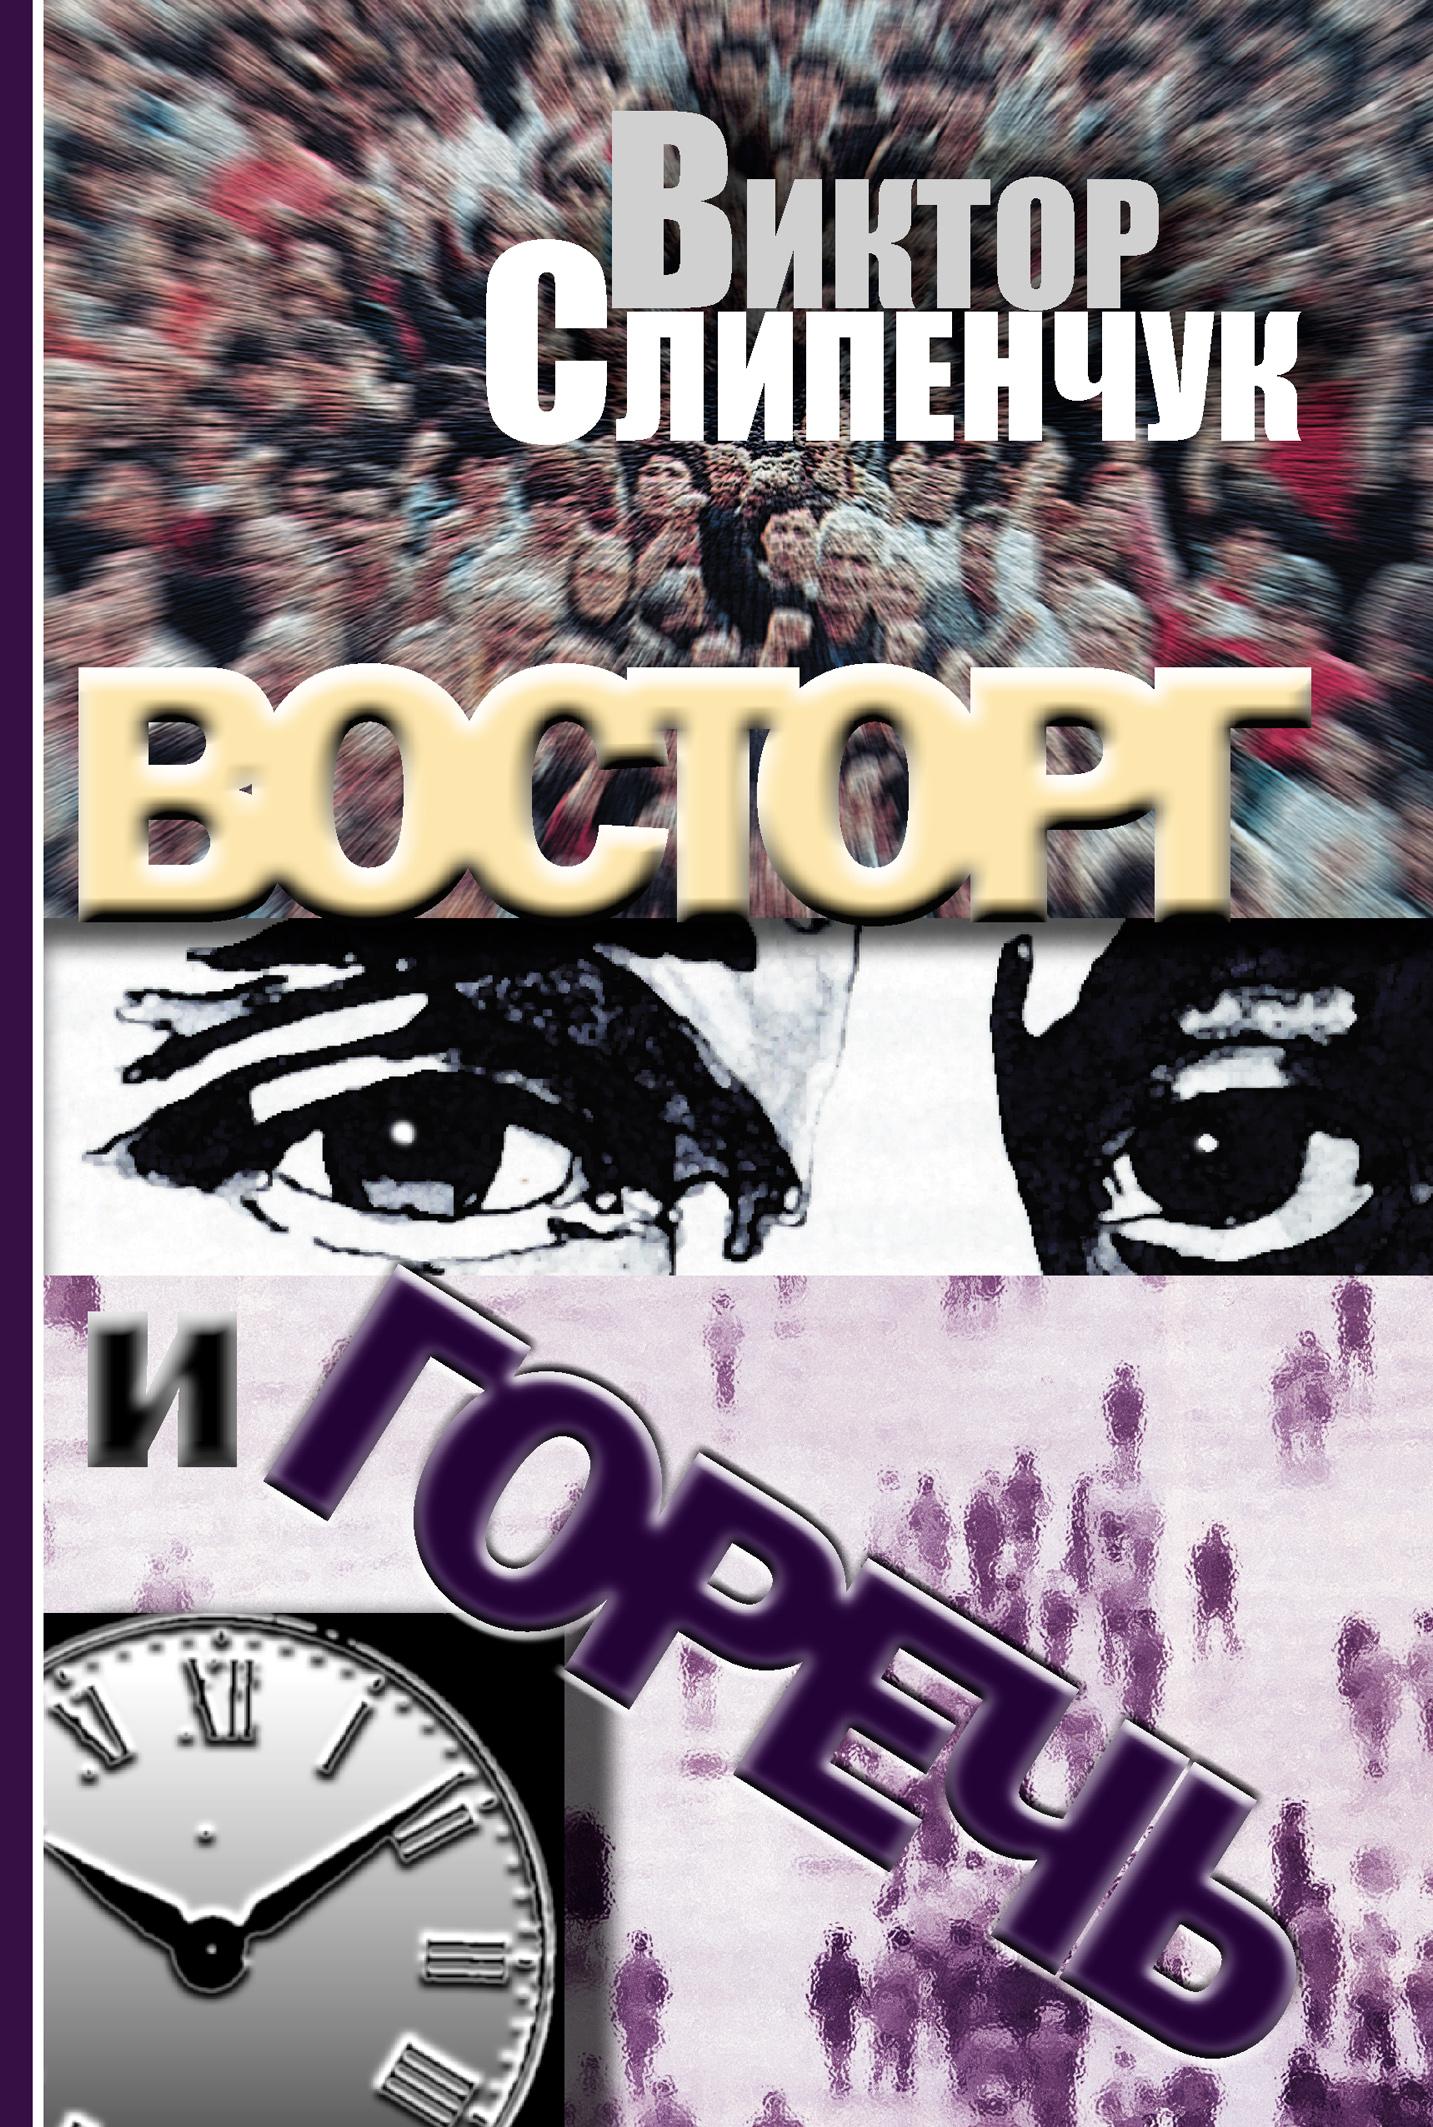 Виктор Слипенчук Восторг и горечь (сборник) kingsilk seda 2 спал 2 сп болотно розовый